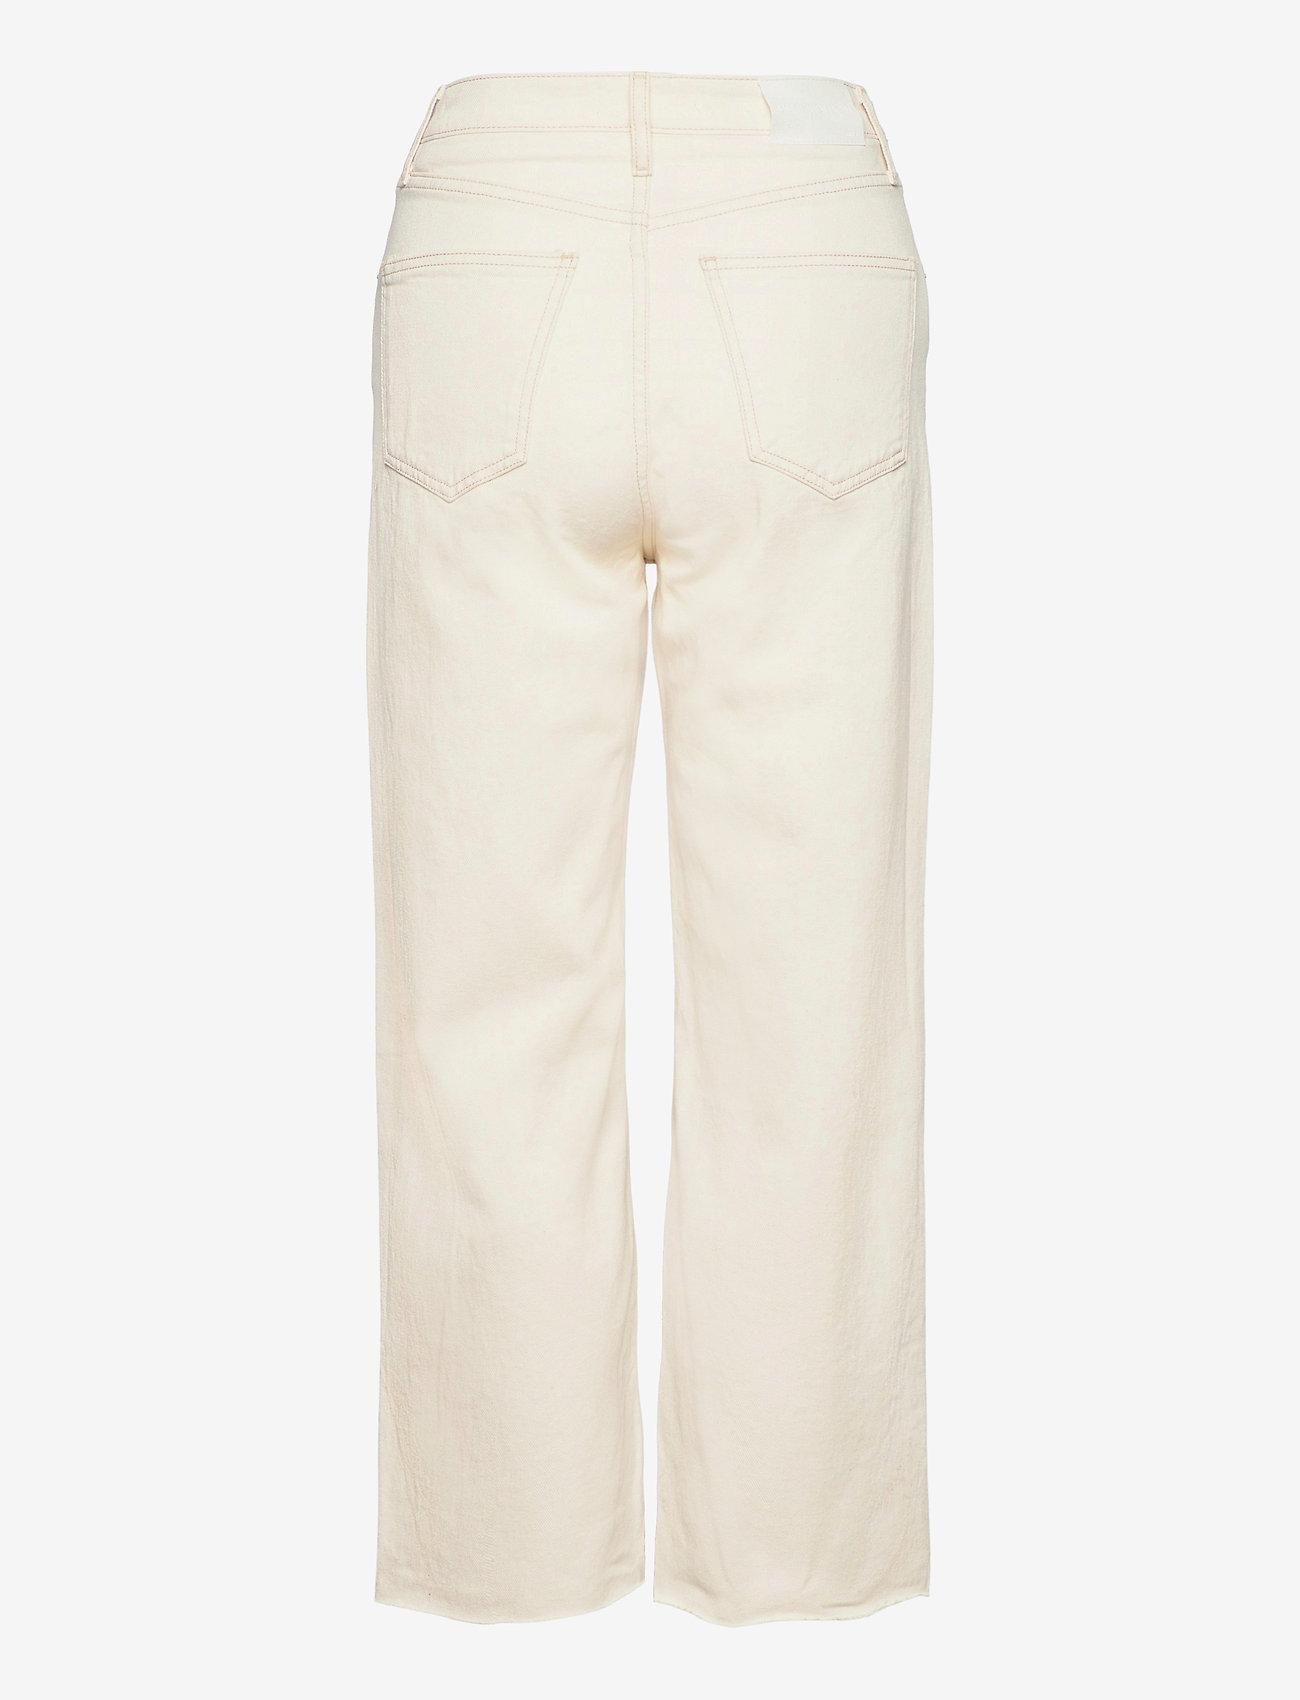 Mango - JULIETA - bukser med brede ben - light beige - 1